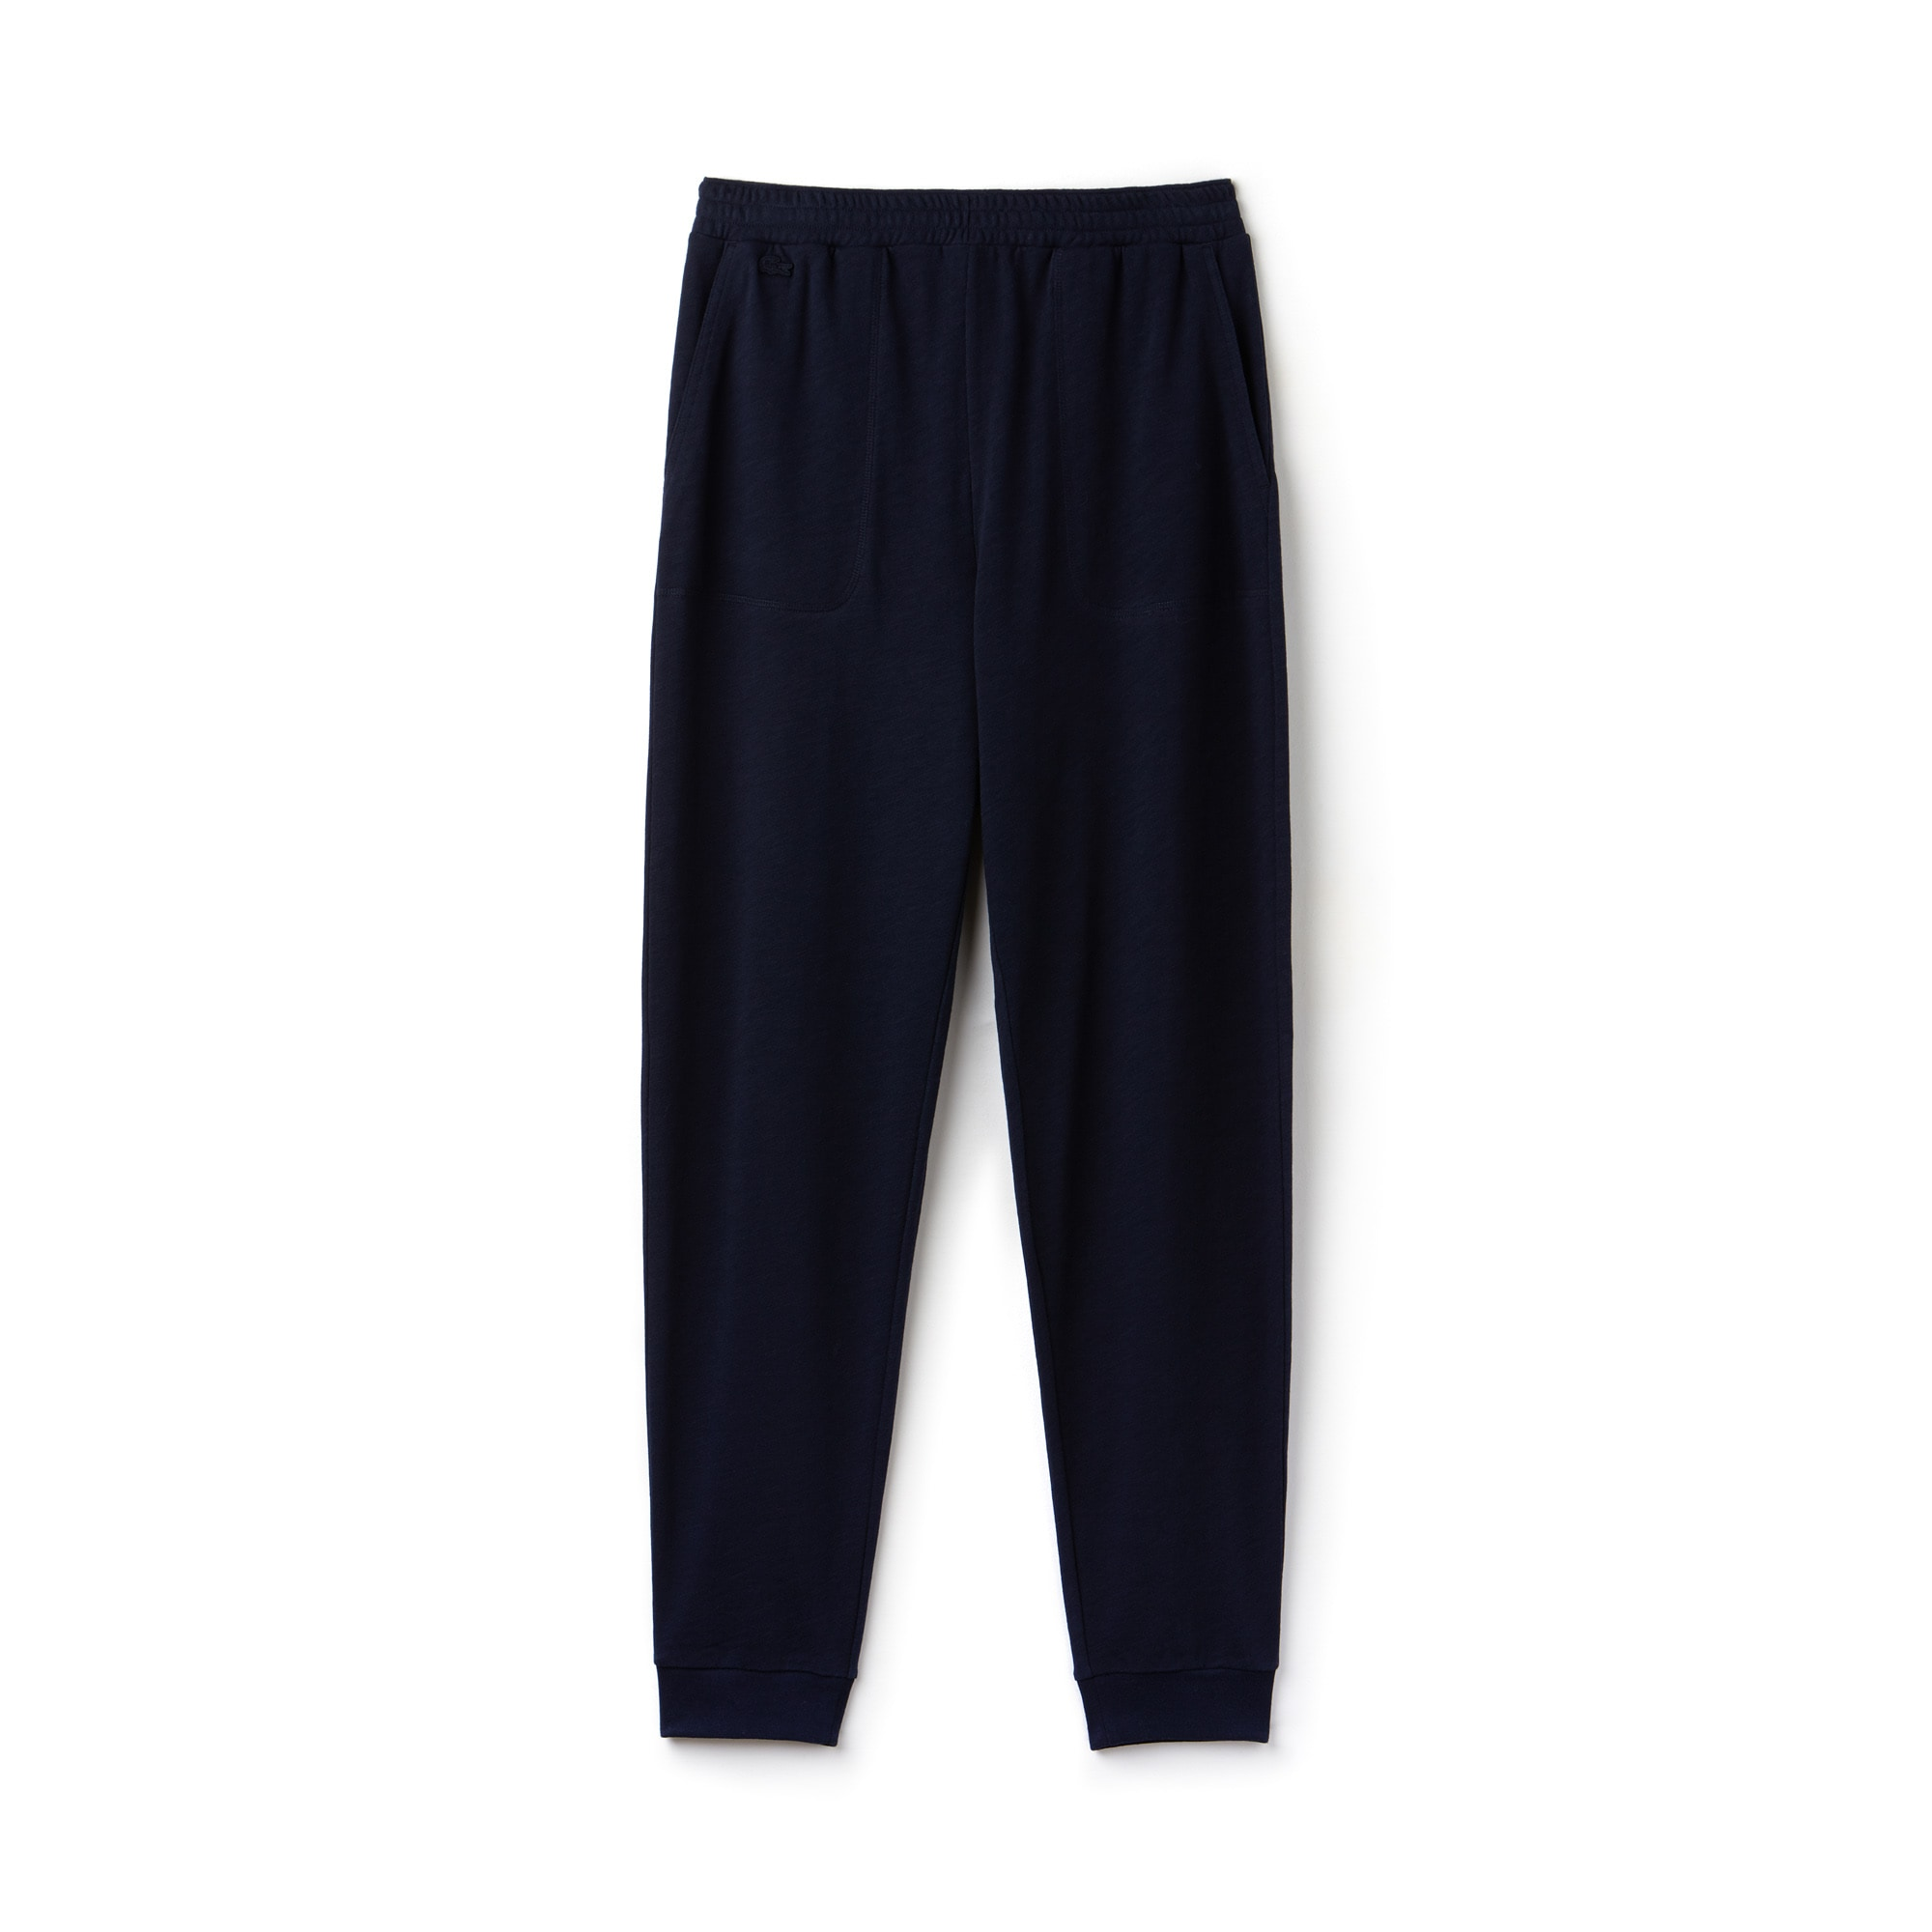 Pantaloni da jogging di stile urbano Lacoste MOTION in mollettone di cotone tinta unita